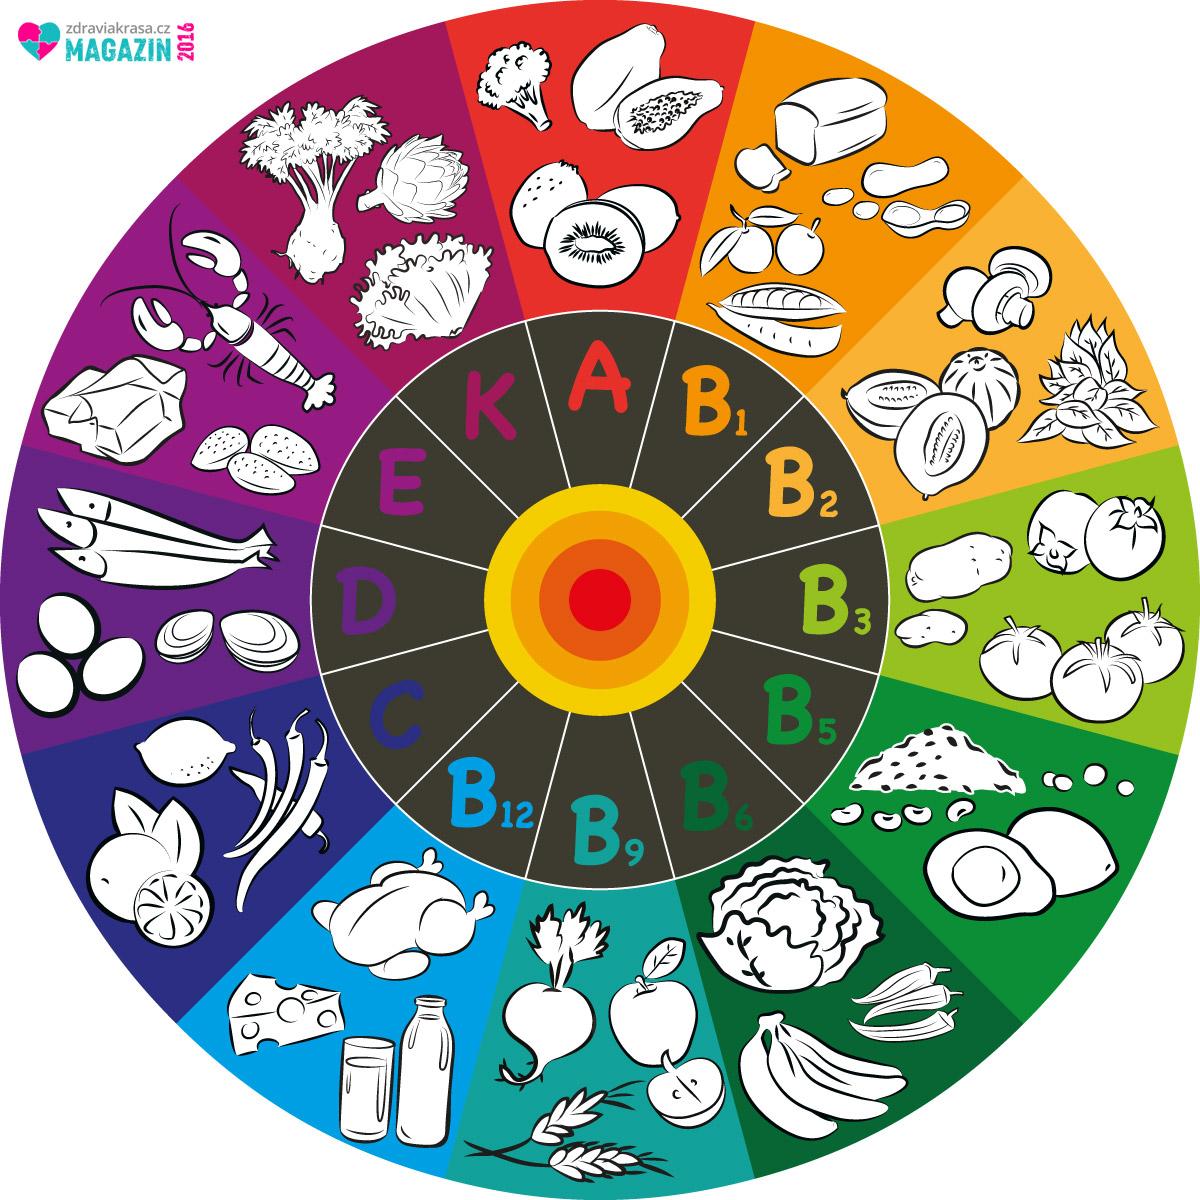 Ne vždy nám přirozená strava dokáže zajistit dostatečné množství jednotlivých vitamínů a minerálů. Navíc, jelikož nevíme, za jakých podmínek byly potraviny pěstovány, vyráběny a skladovány, nelze se řídit ani tabulkami nutričních hodnot jednotlivých potravin. Ty jsou skutečně jen velice orientační.